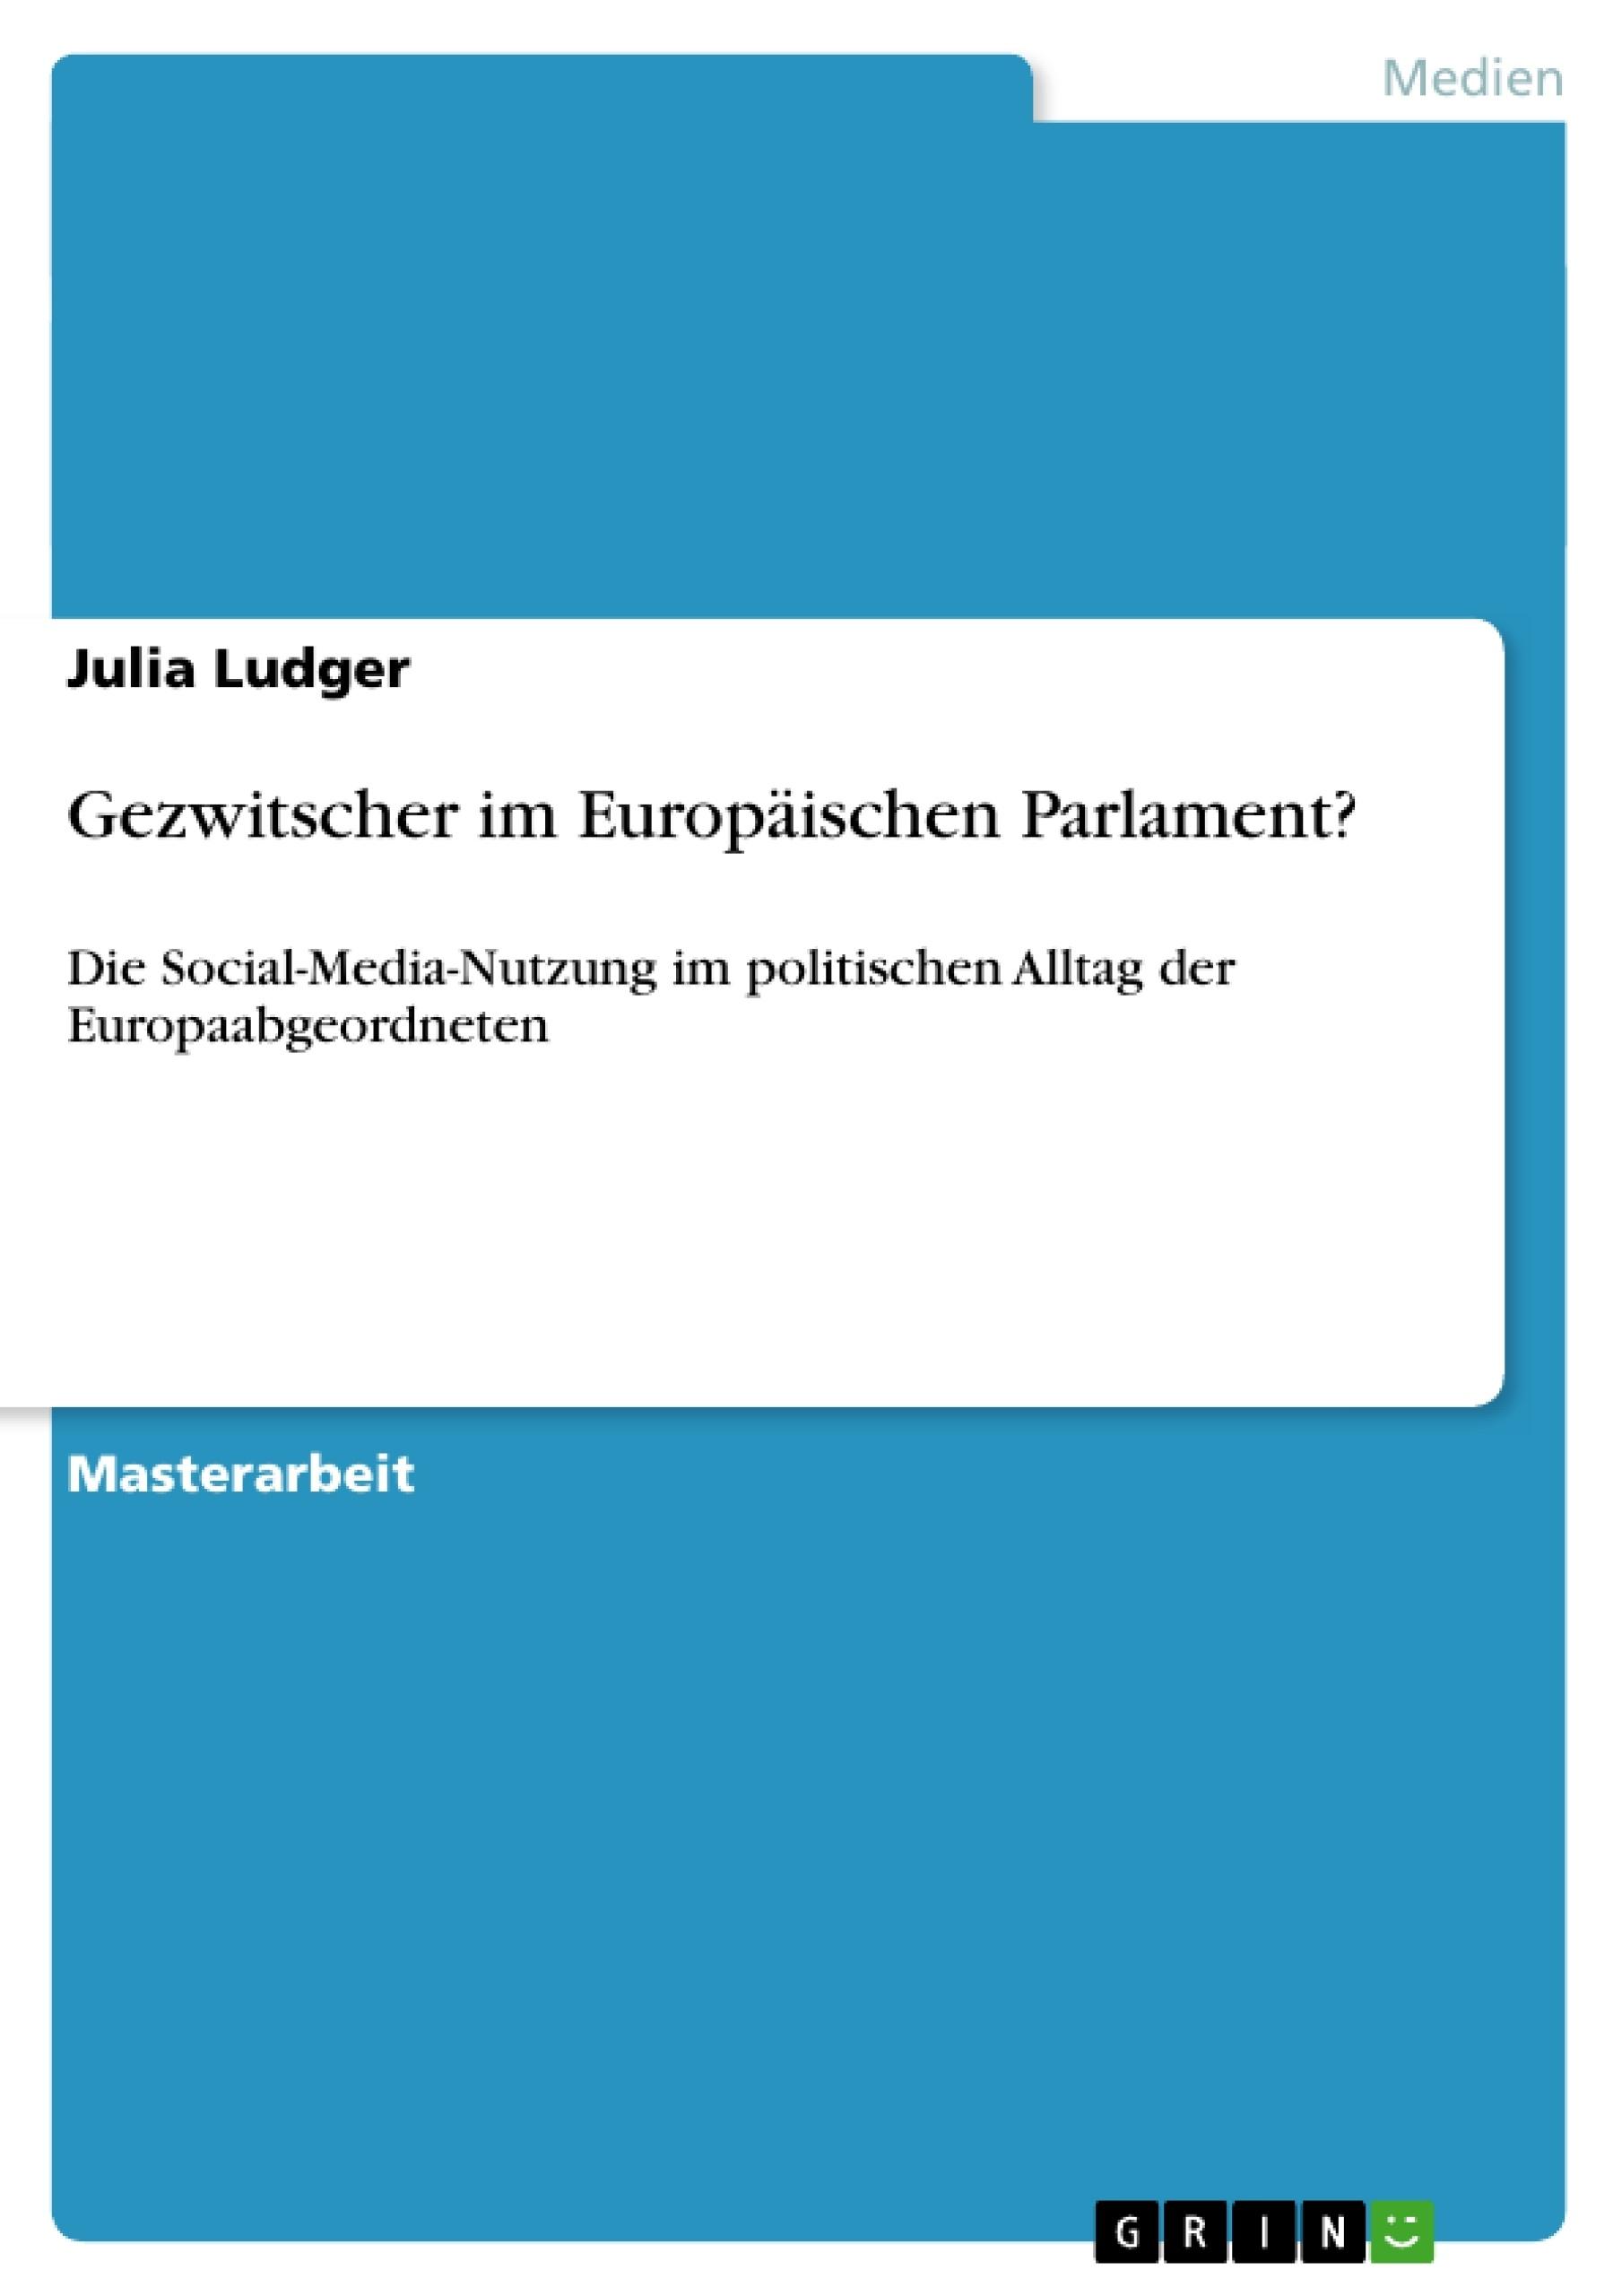 Titel: Gezwitscher im Europäischen Parlament?